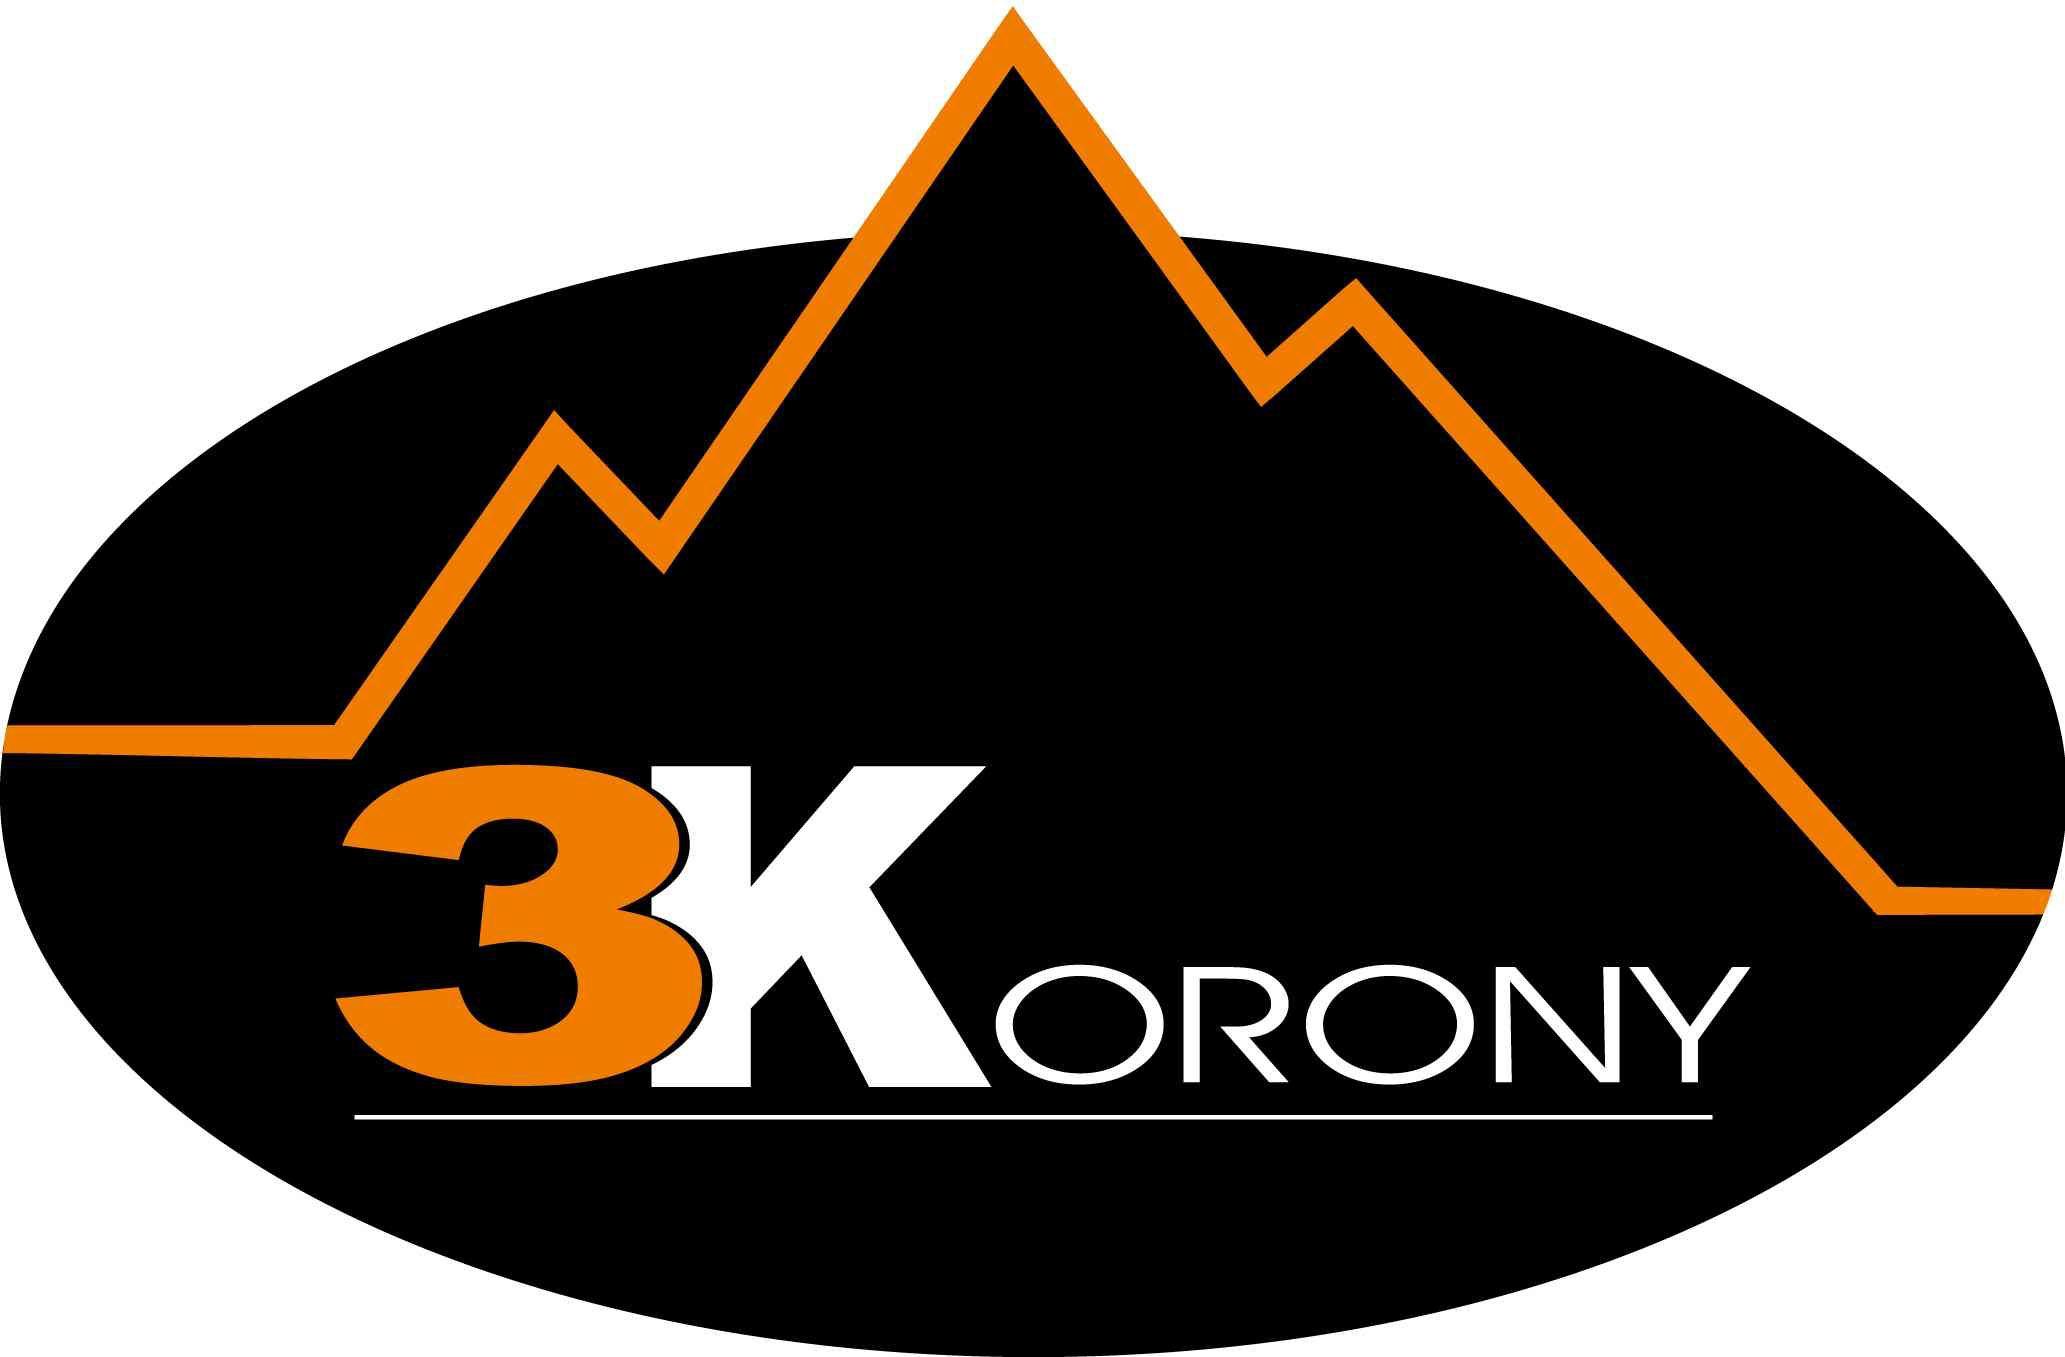 www.3korony.com.pl